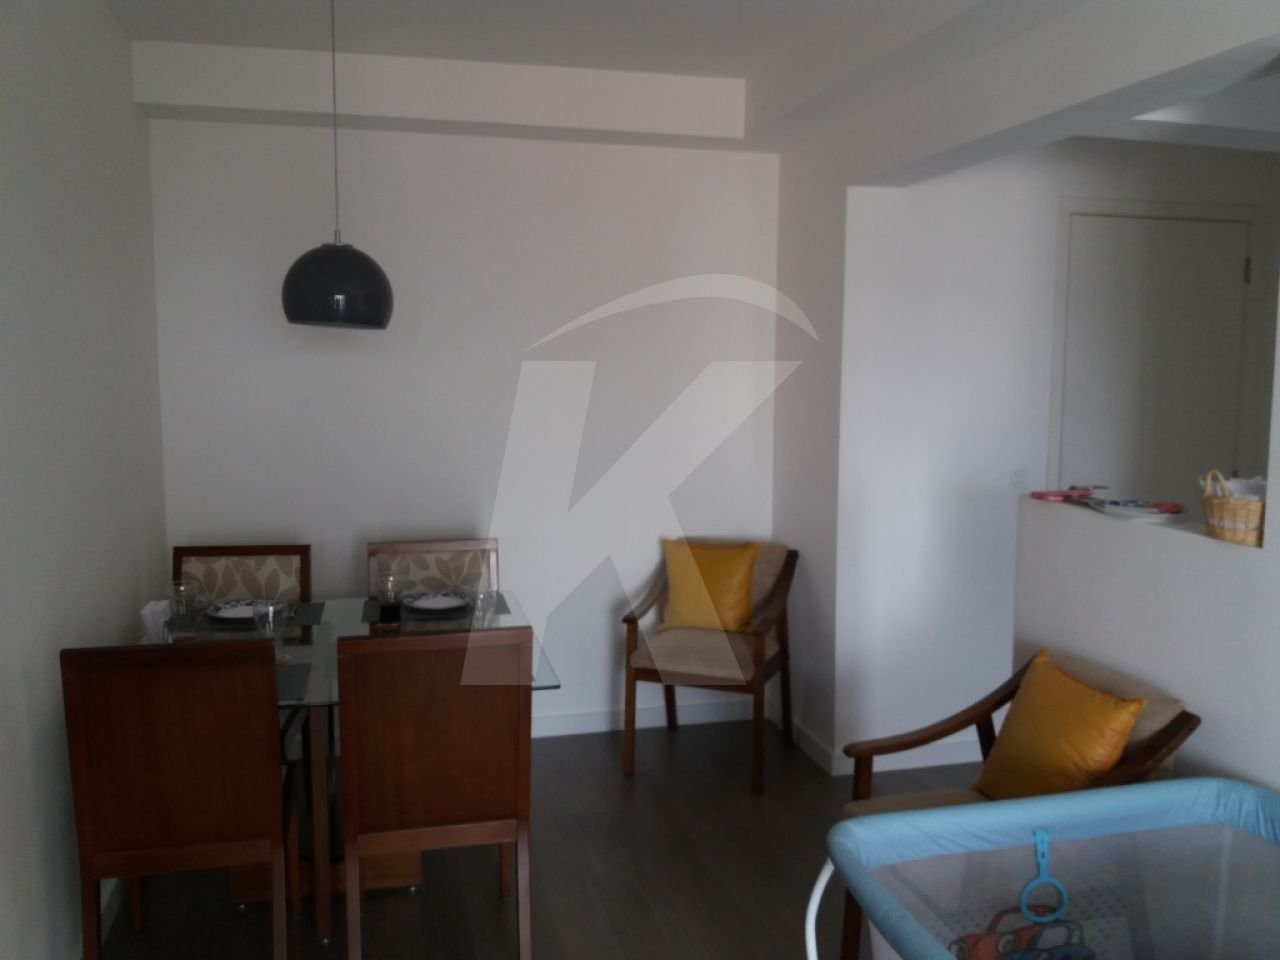 Apartamento Vila Gustavo - 2 Dormitório(s) - São Paulo - SP - REF. KA6285